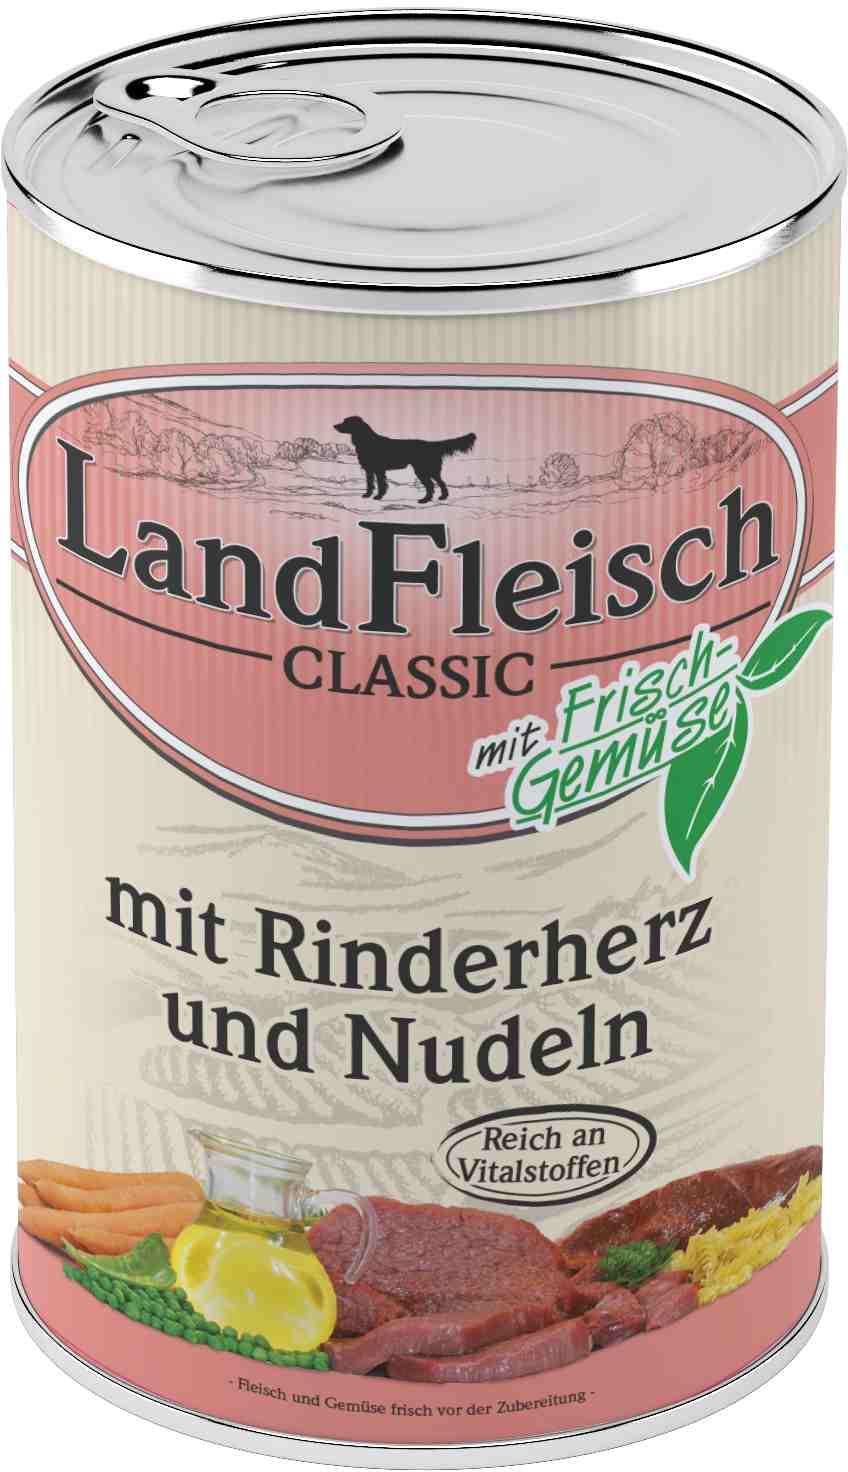 Landfleisch Dog Classic Rinderherz, Nudeln 400g